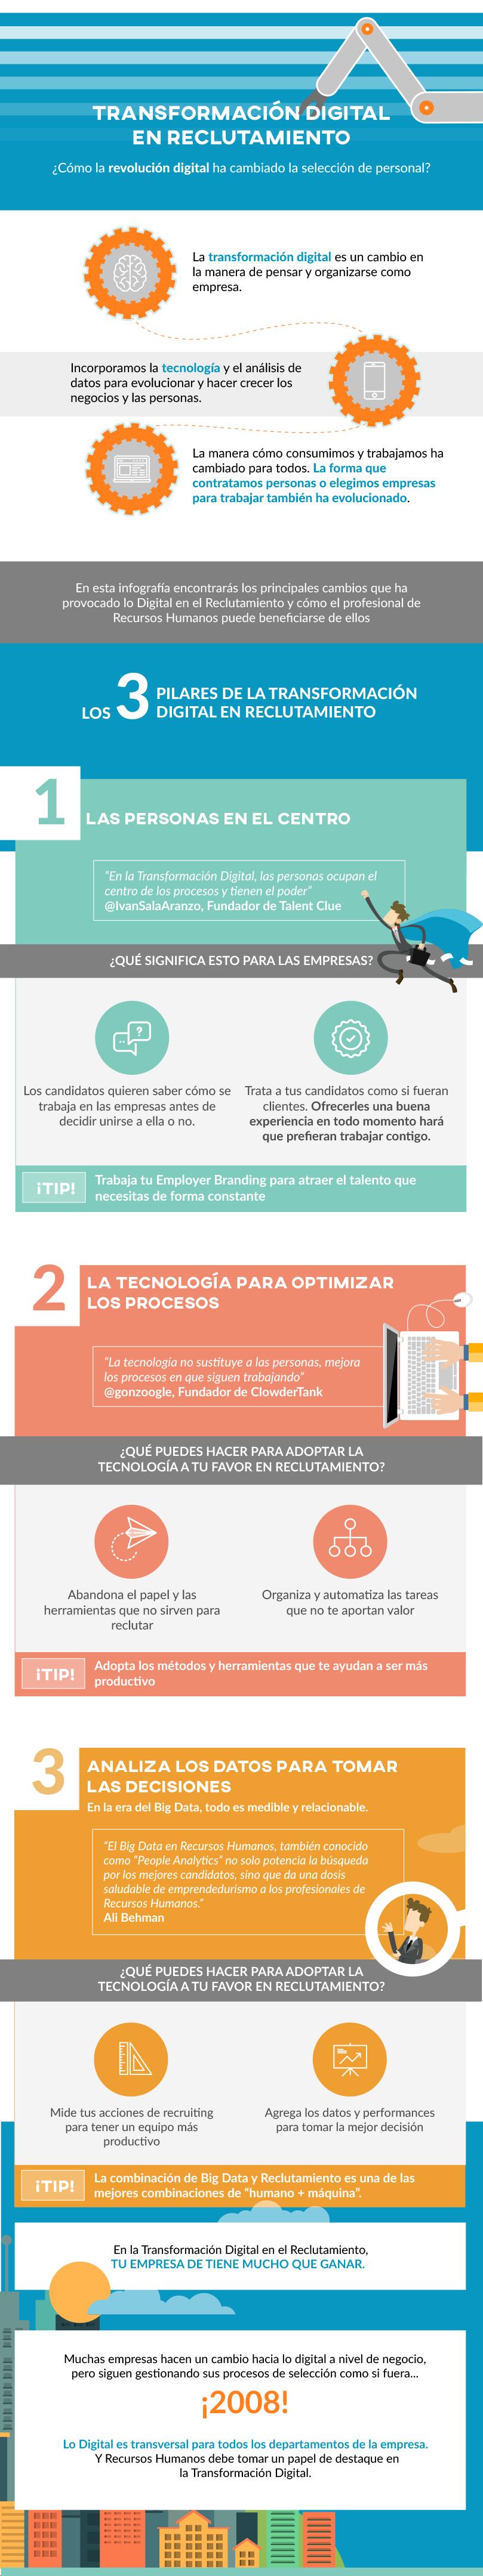 transformacion-digital-reclutamiento-infografia